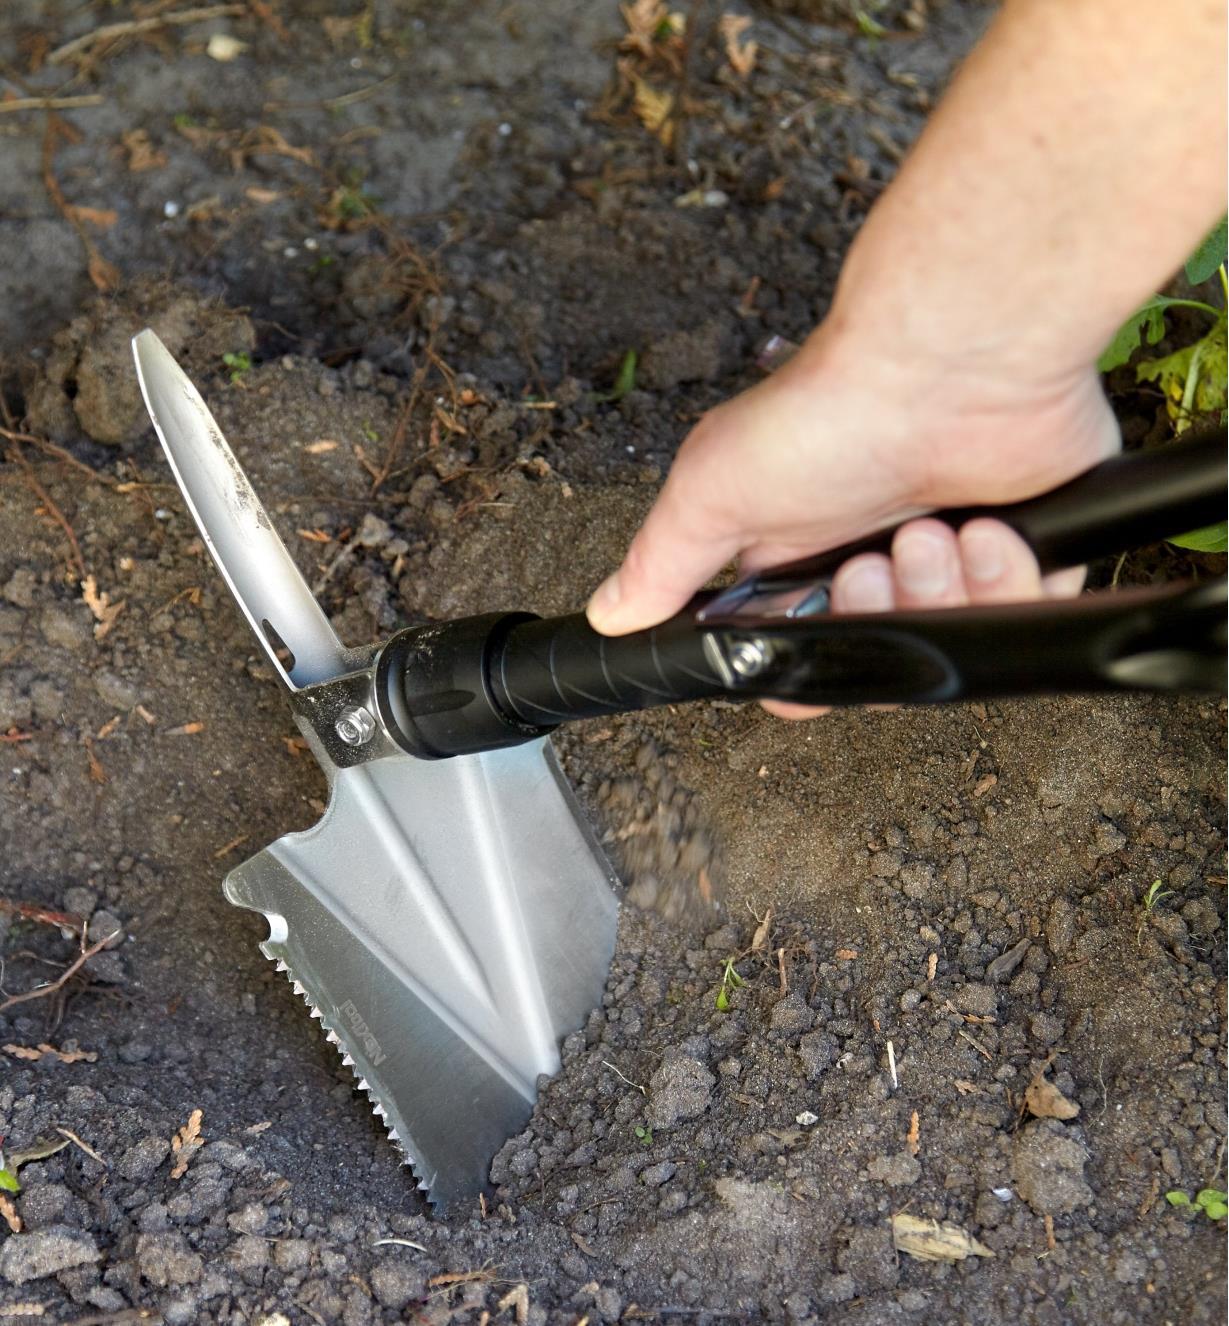 Personne creusant à l'aide de la pelle pliante verrouillée à 90° par rapport au manche